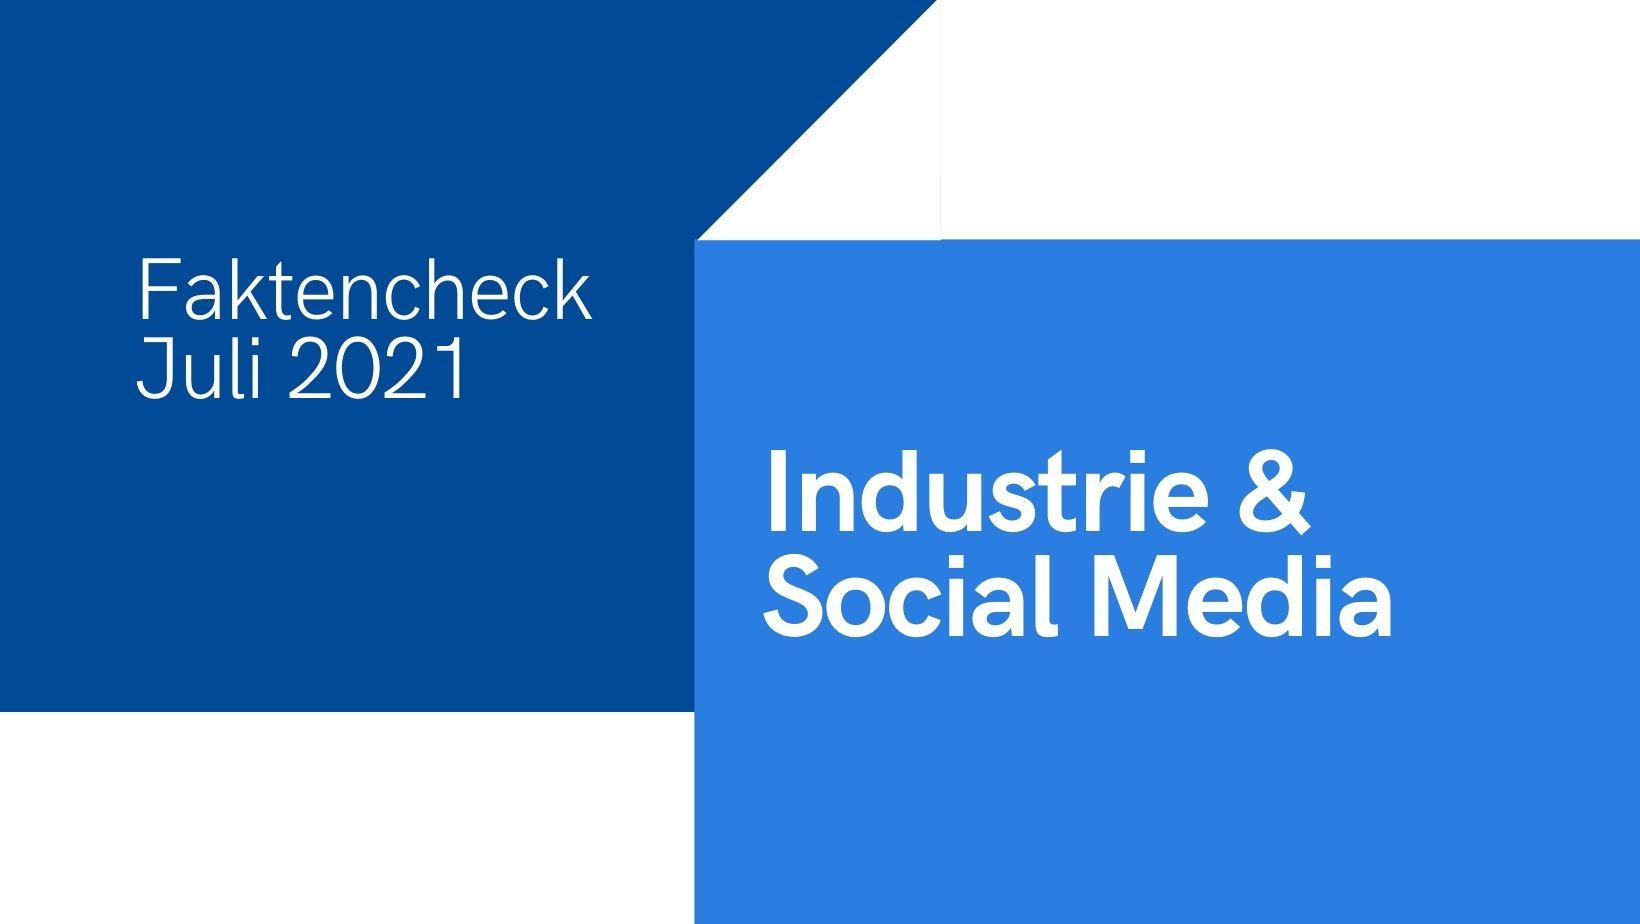 Faktencheck Juli 2021 - wie digital ist der Auftritt von Industrieunternehmen